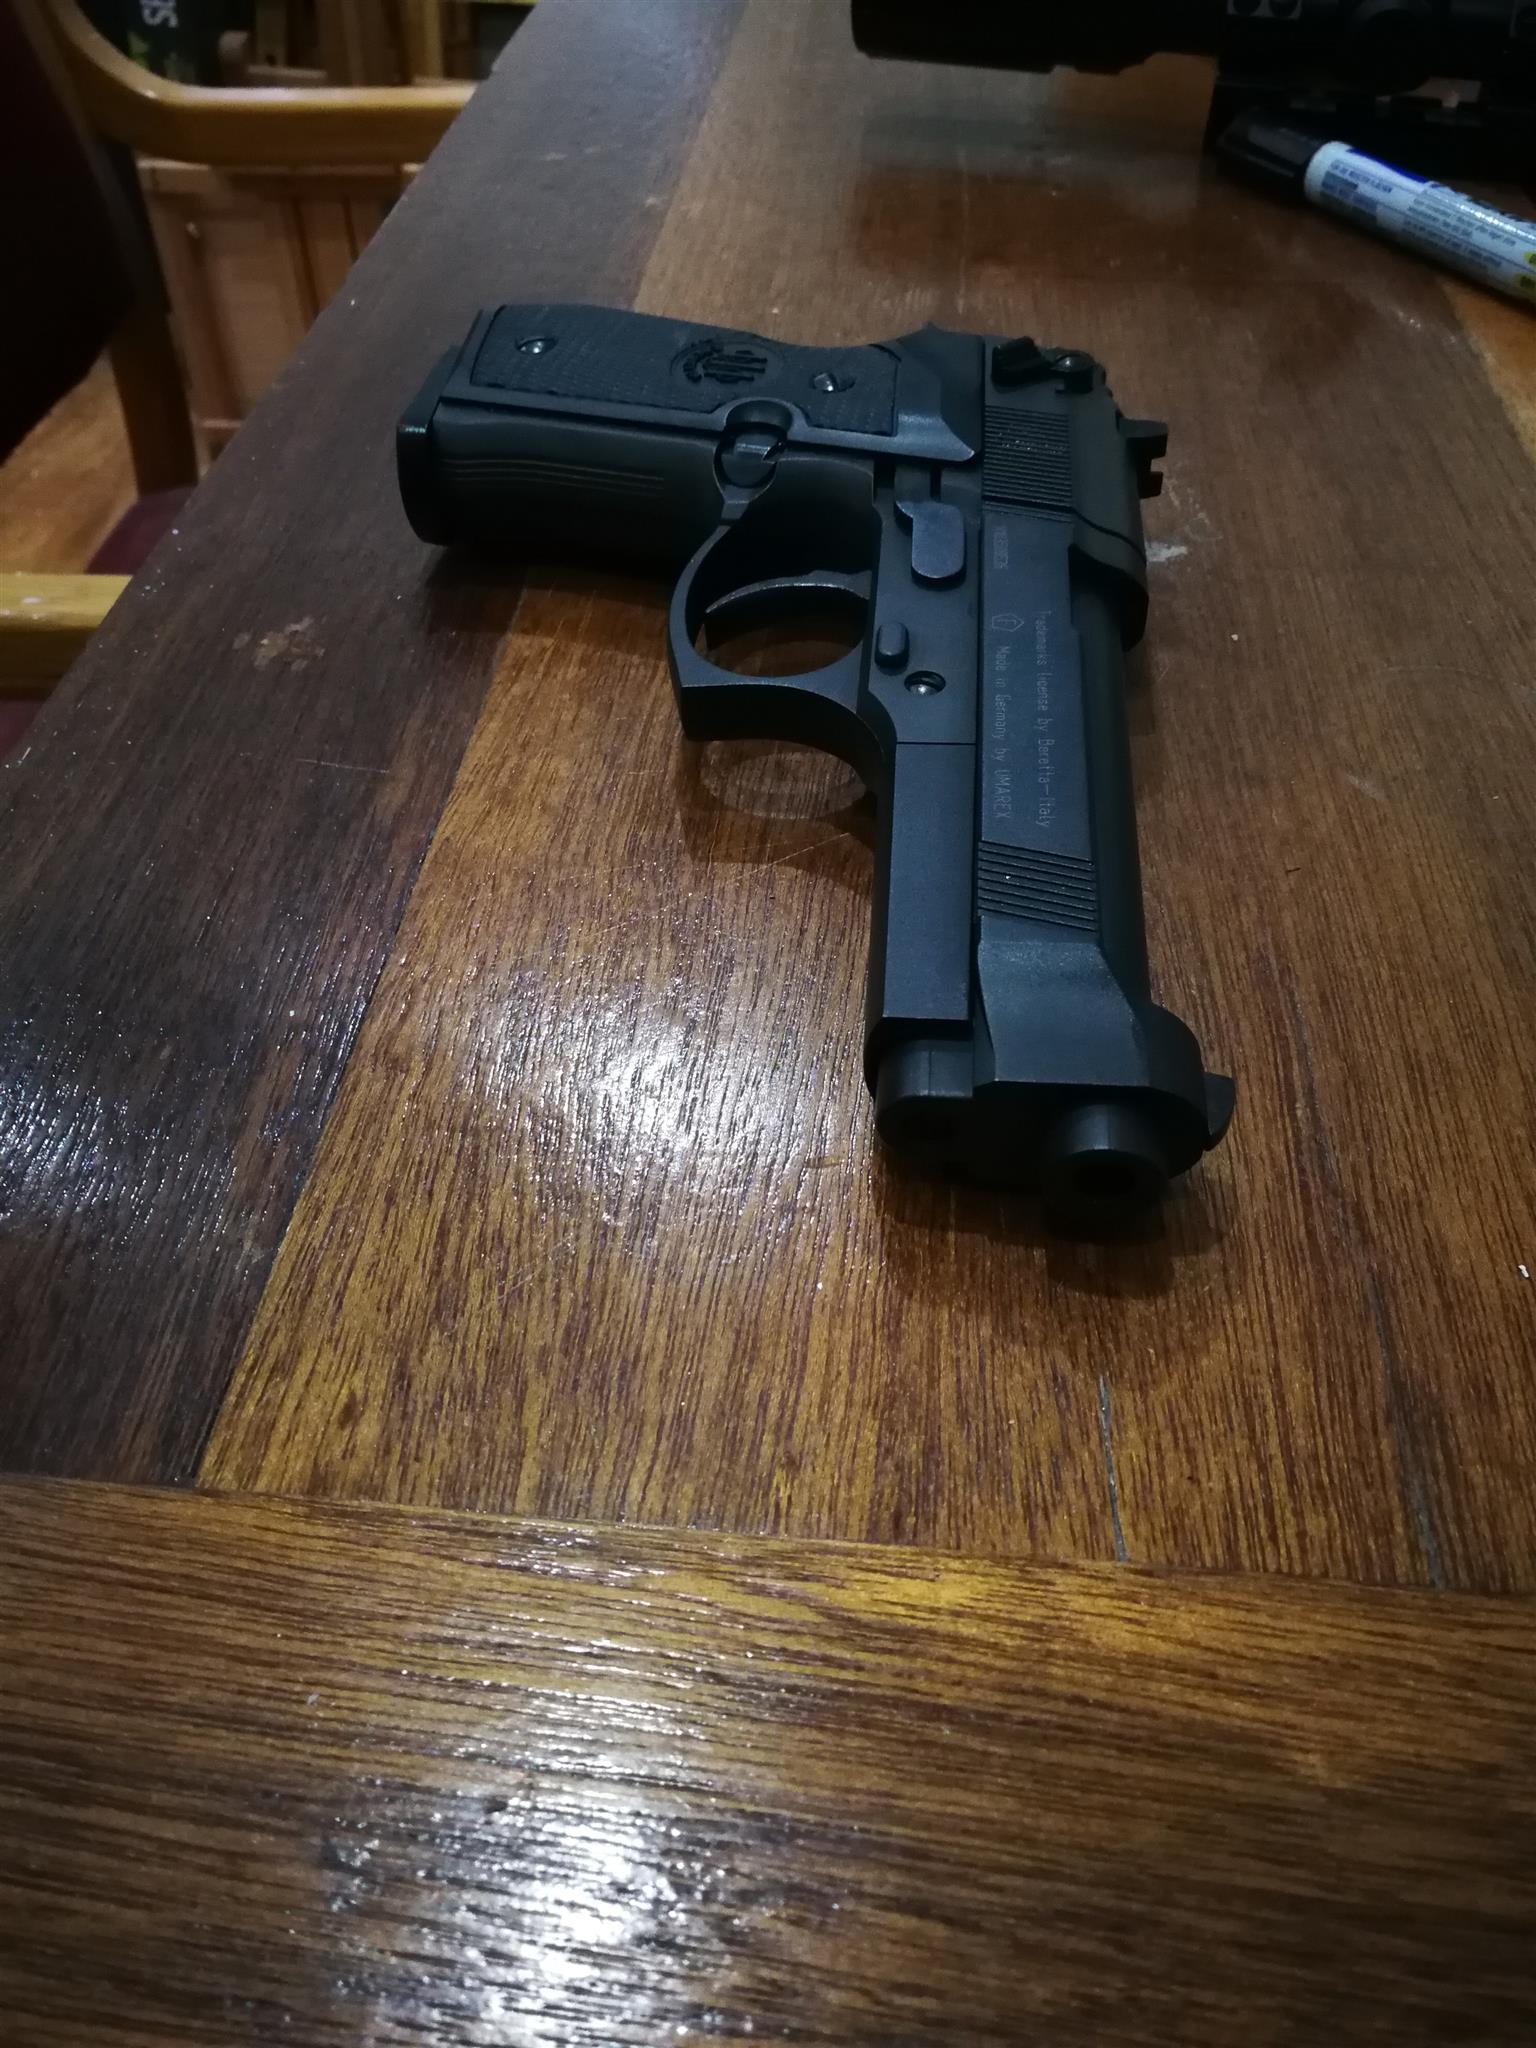 Umarex beretta m92fs pellet pistol